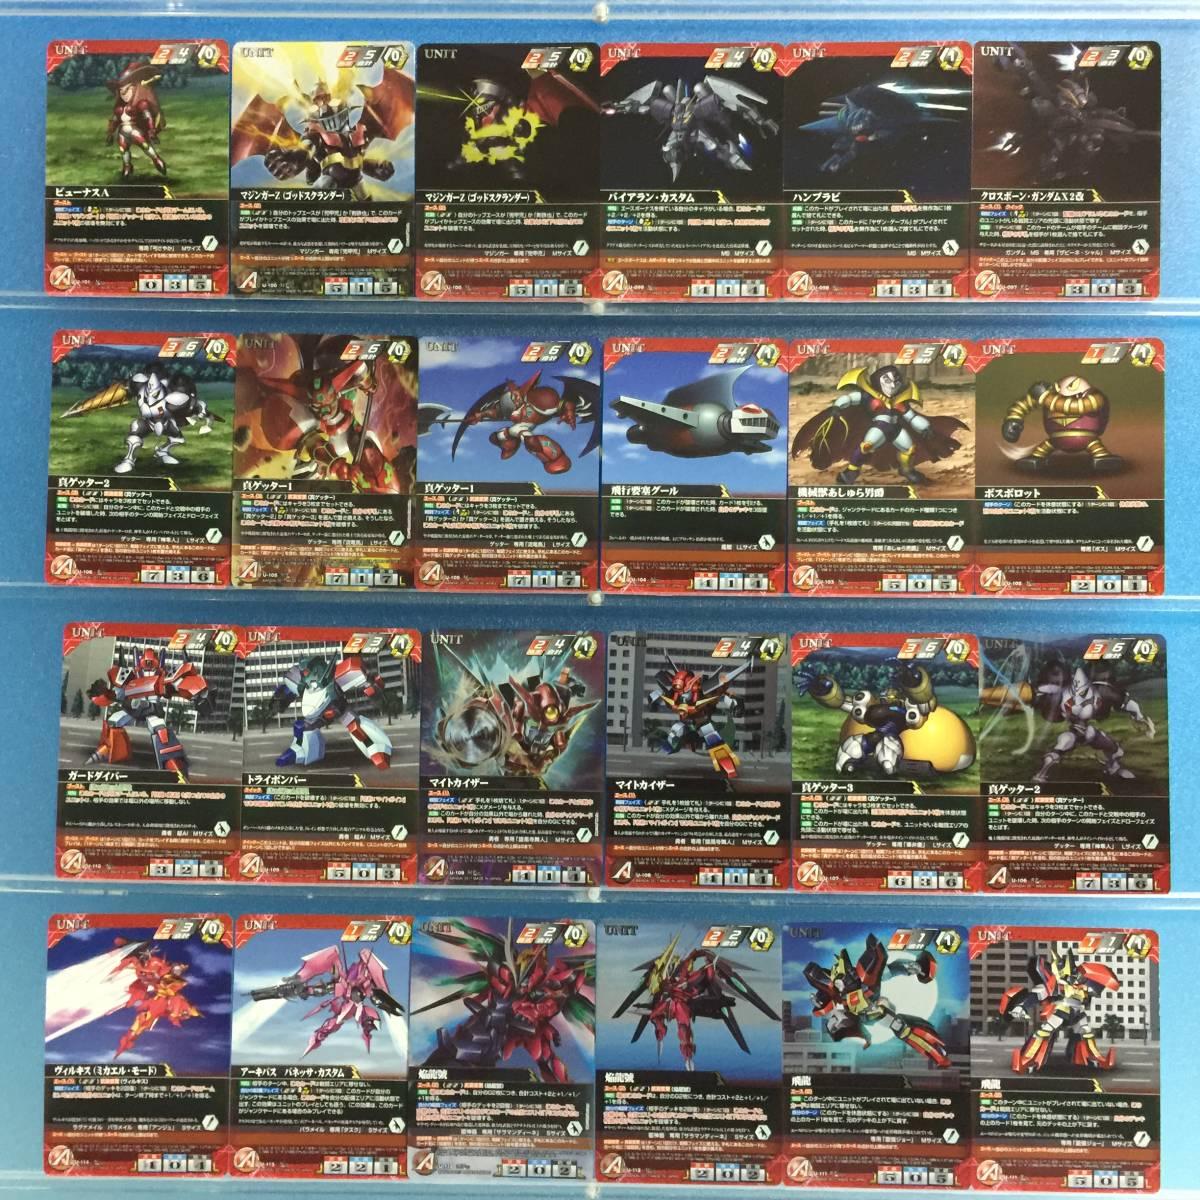 【Crusade】スーパーロボット大戦Vクルセイド 第2弾 ~果て無き激戦~(SRW-CB02) フルコンプ167枚 (全113種+パラレル54種)_画像7